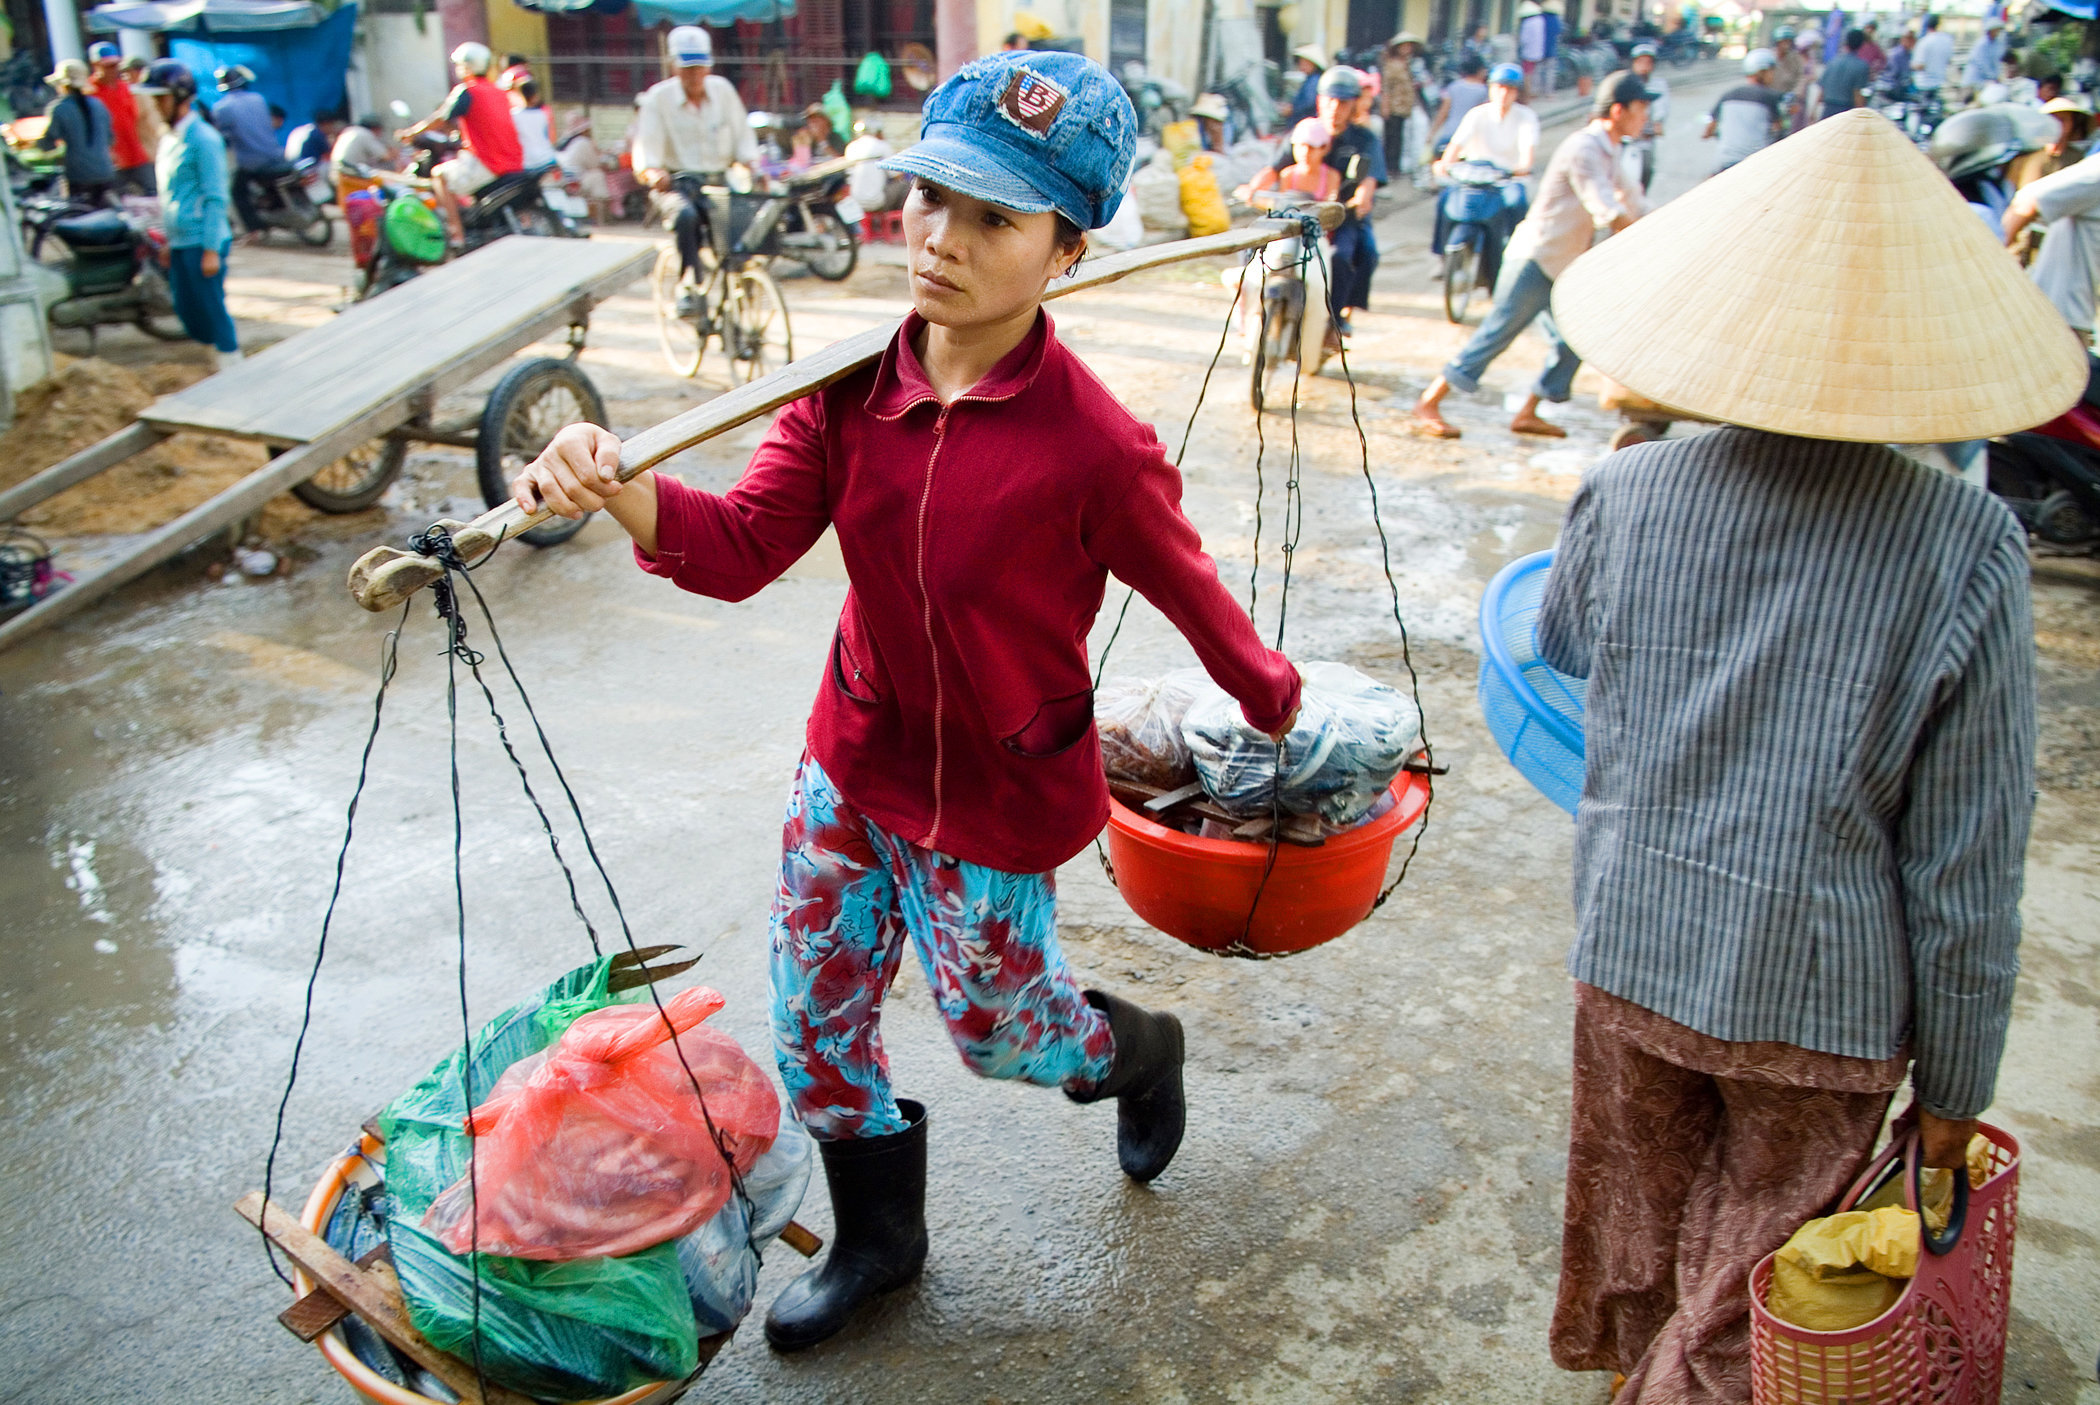 Market Day, Hoi An